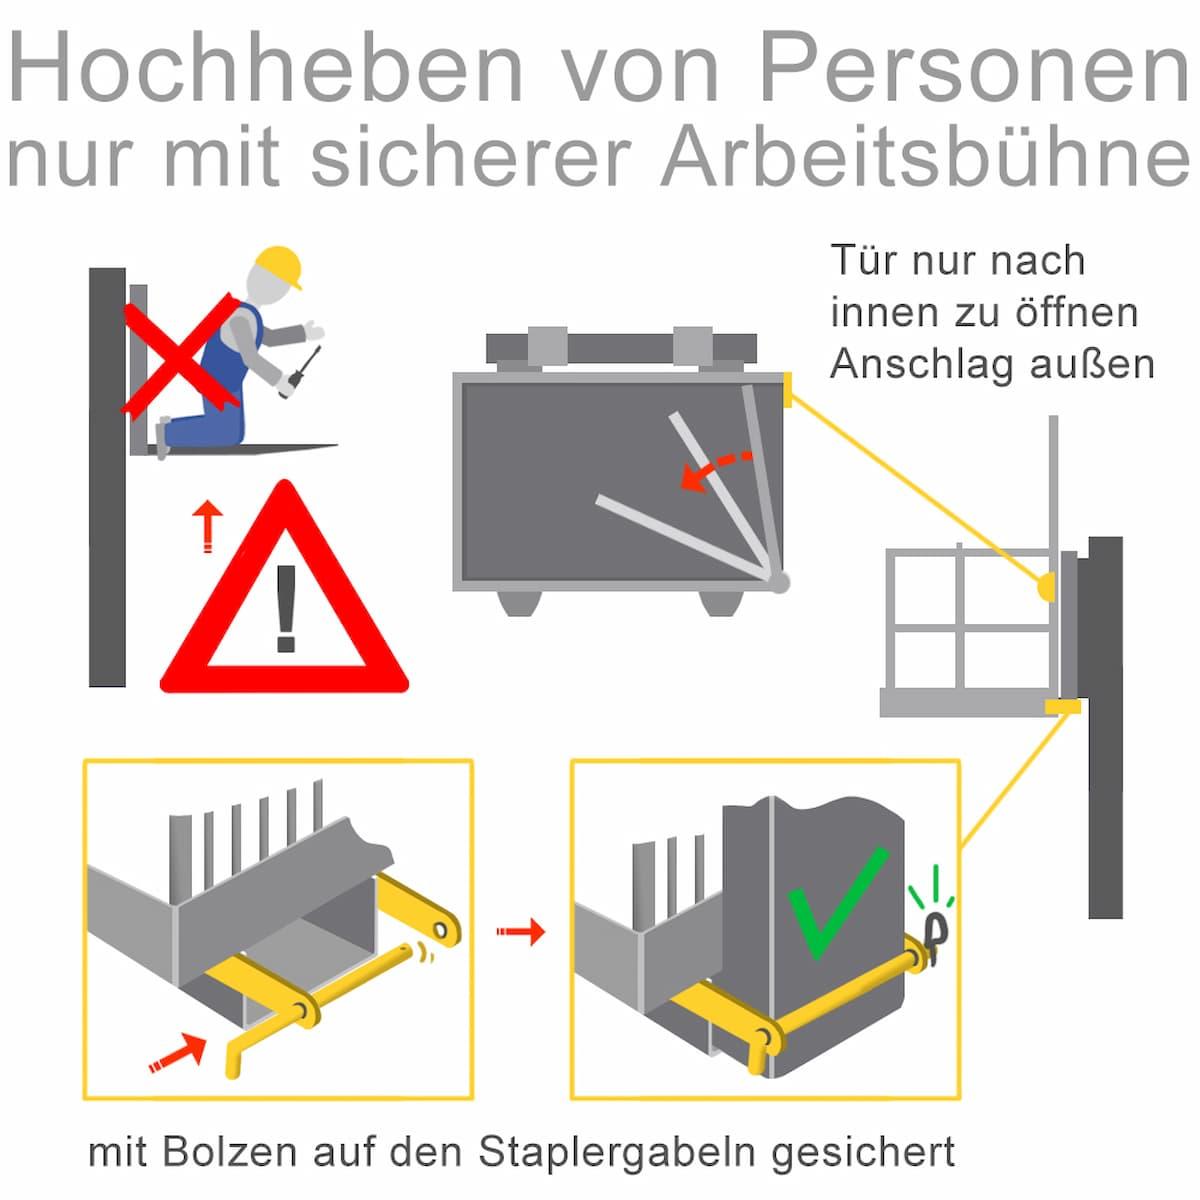 Hochheben von Personen nur mit sicherer Arbeitsbühne